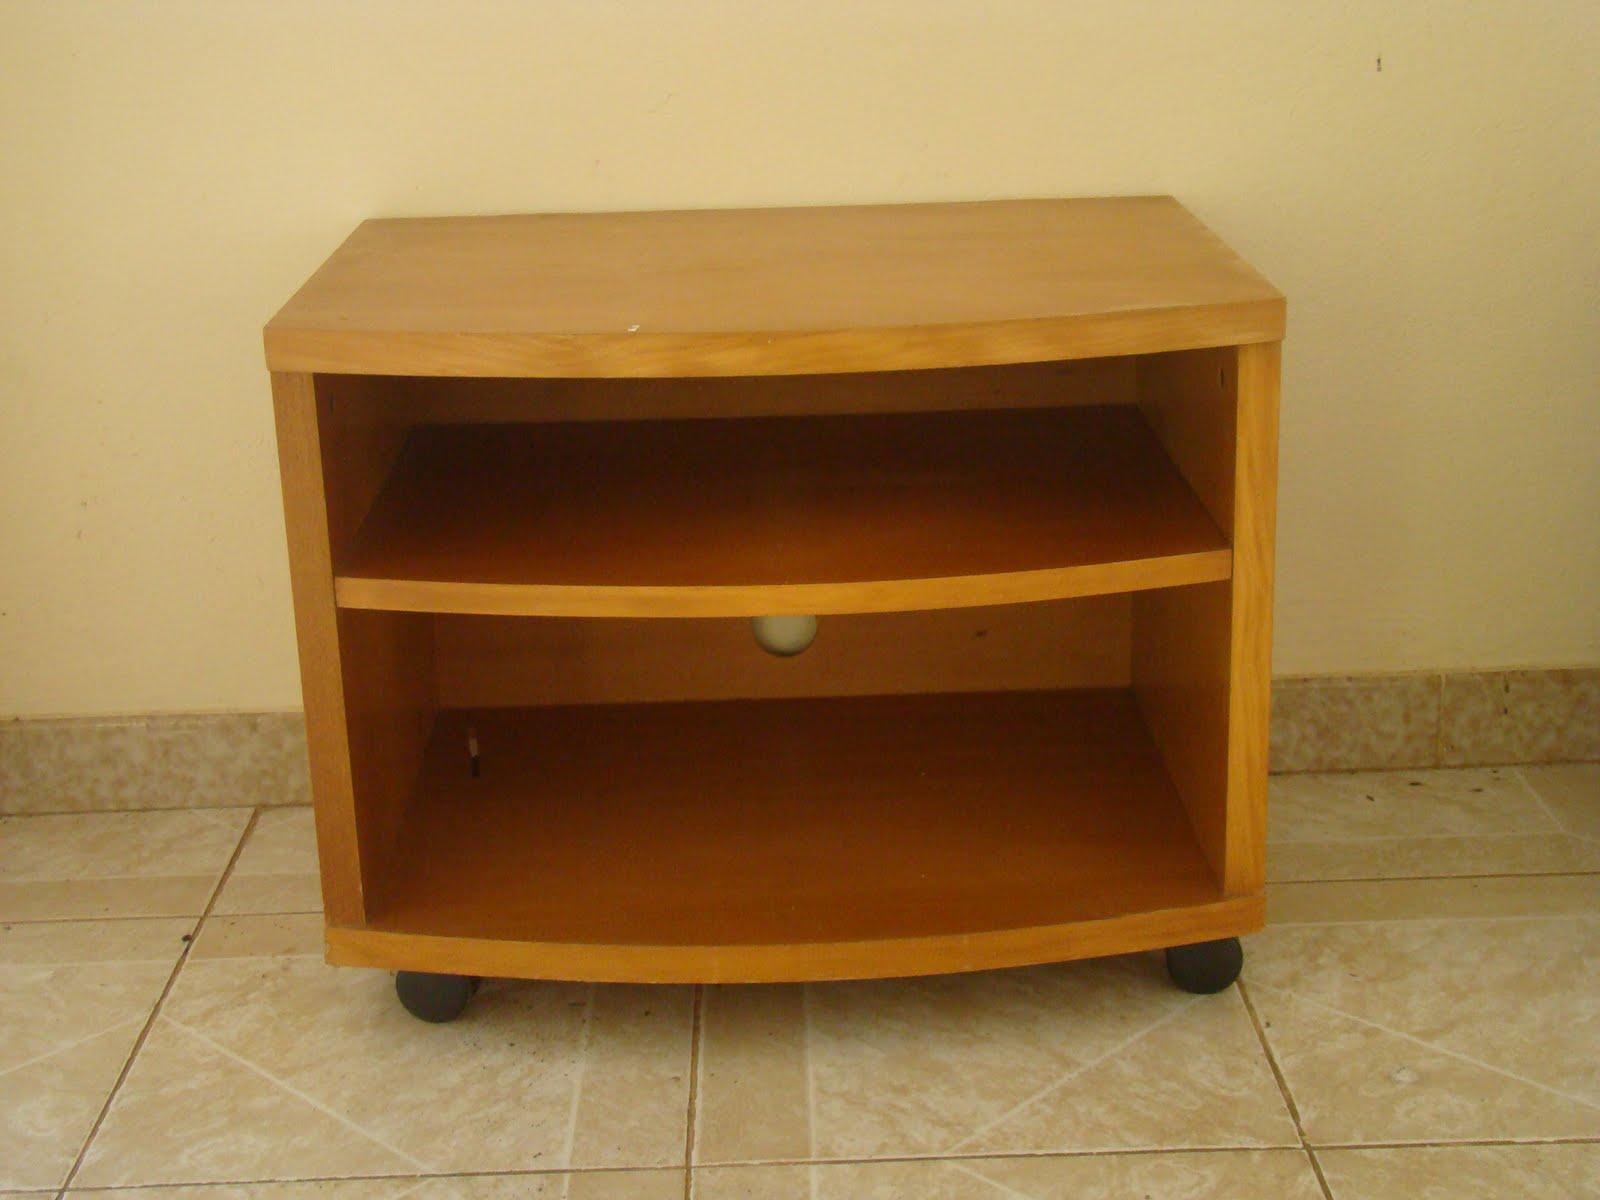 Petit banc tv Maison et mobilier d intérieur